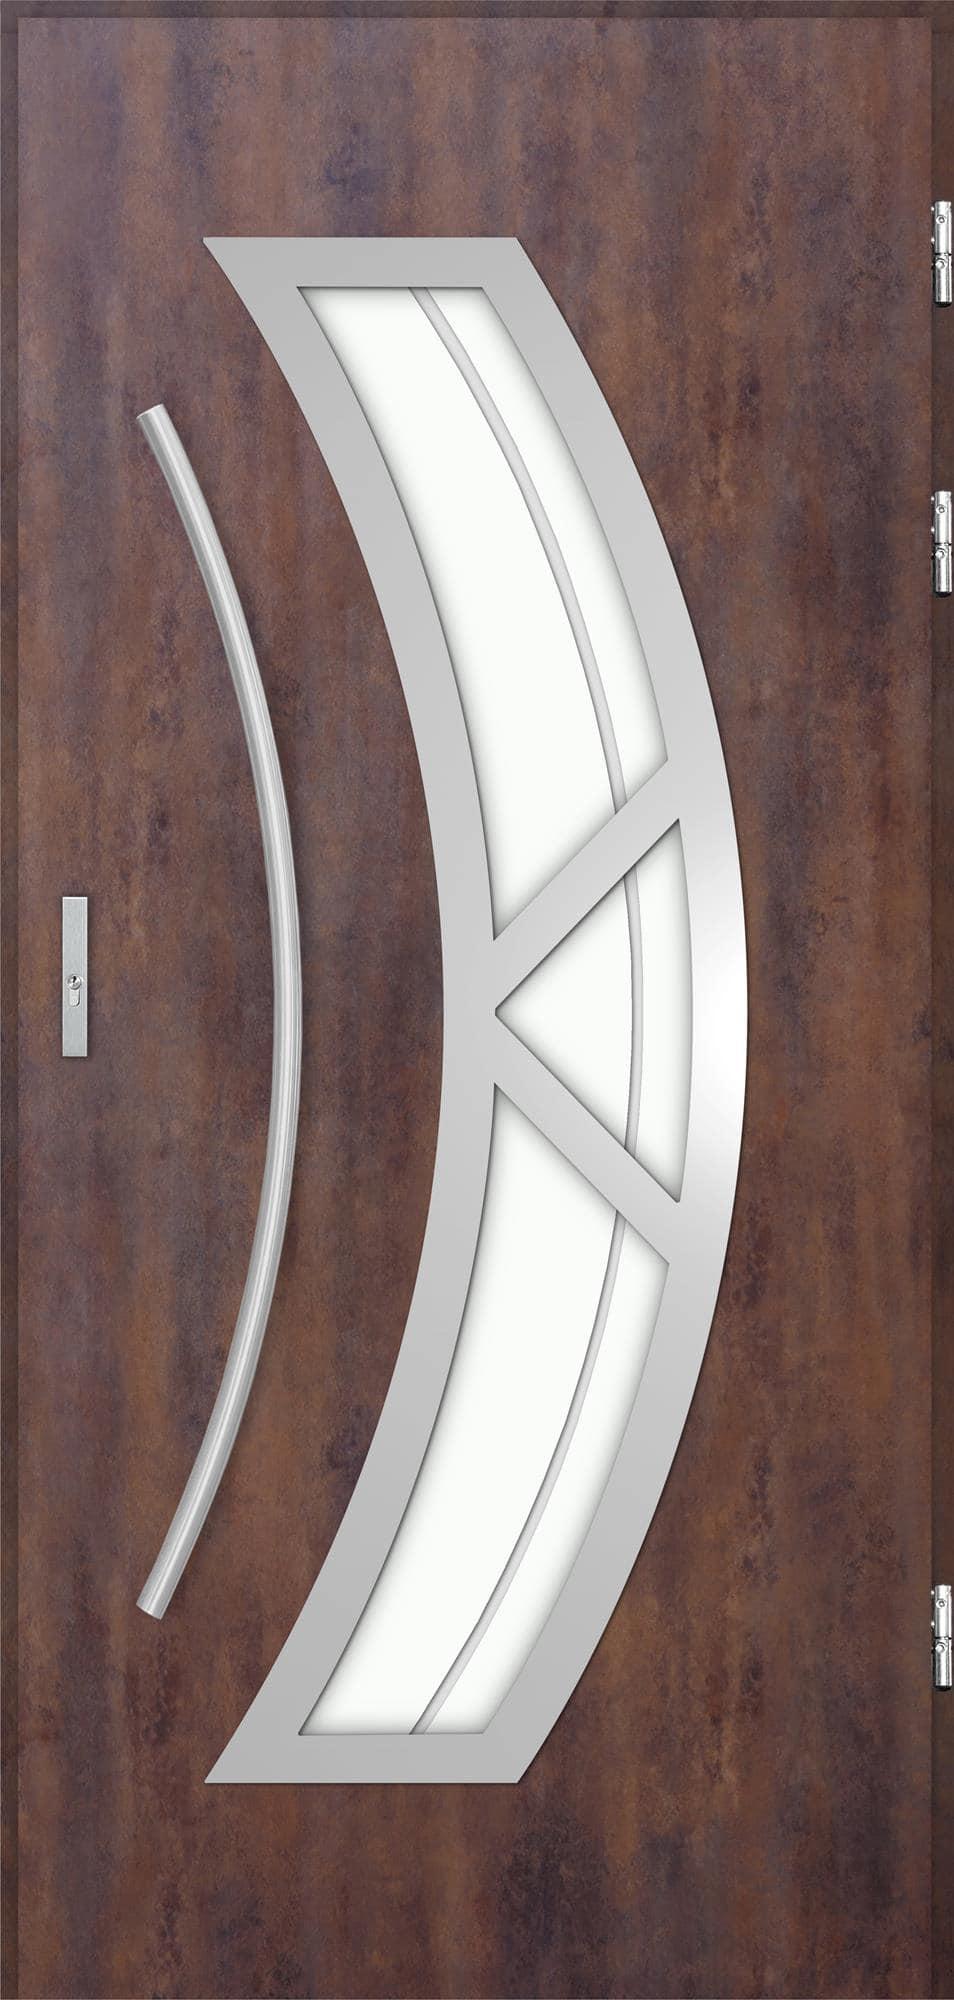 Venkovní vchodové dveøe Olivia, rez